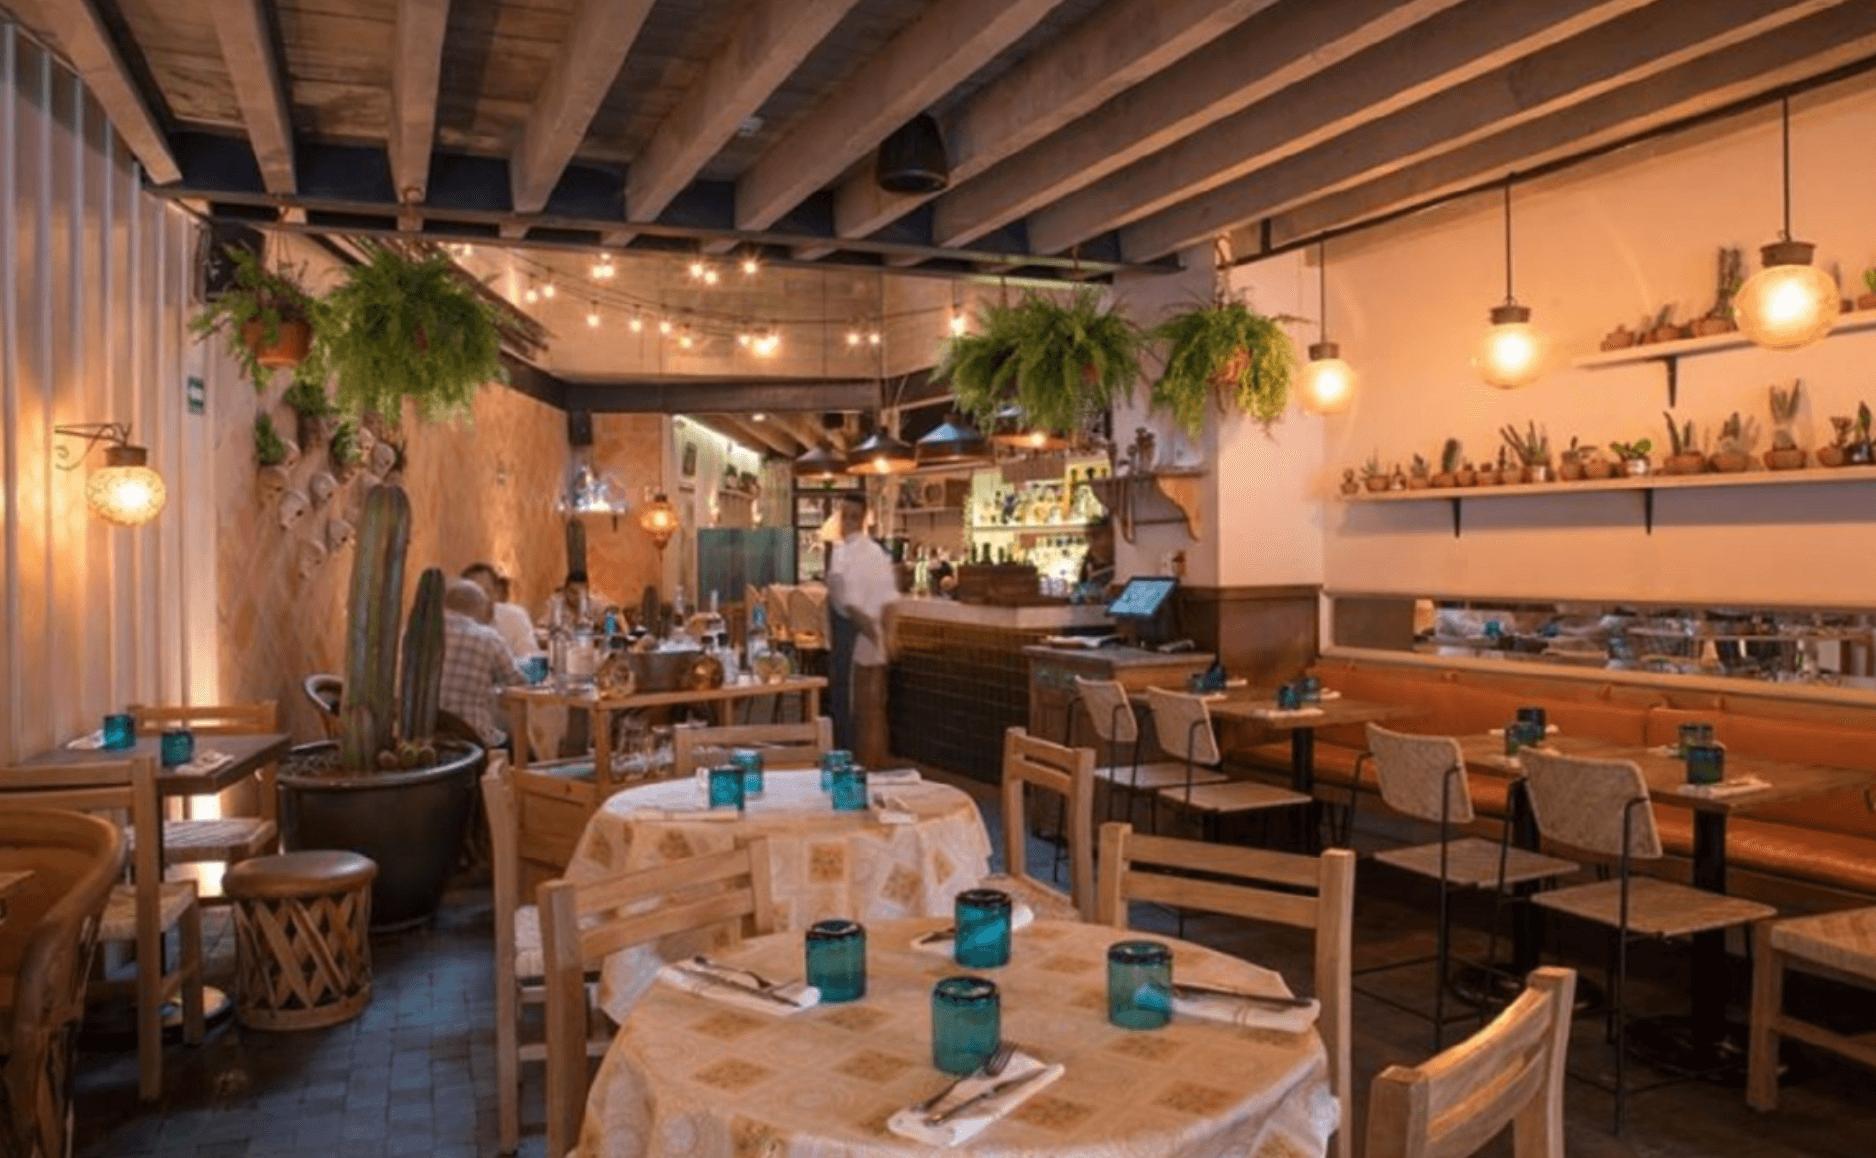 Lugares para comer rico r pido y barato en la colonia roma for Comedor jacinta polanco